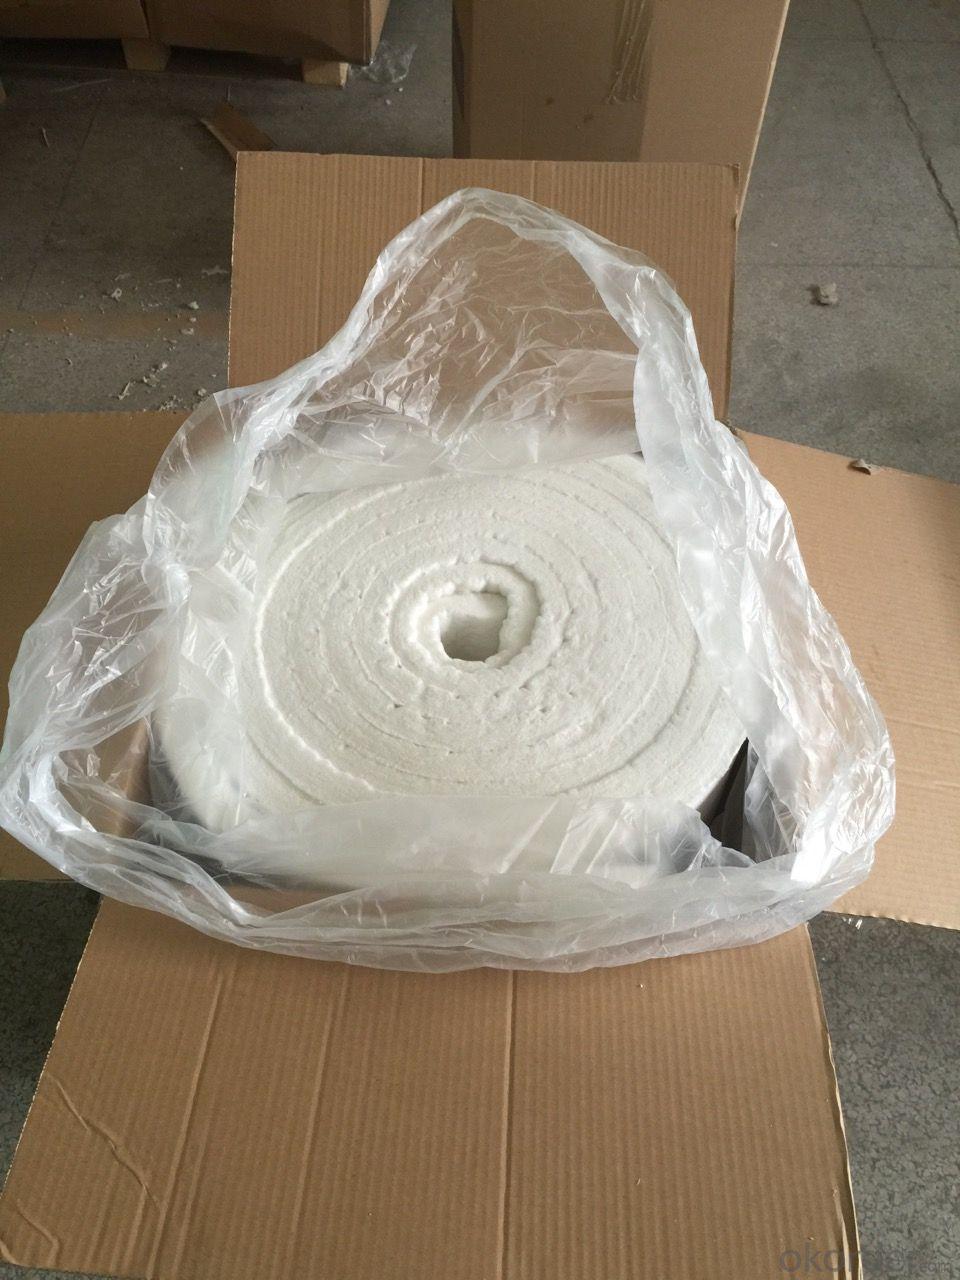 Ceramic FIber Blanket Insulating Materials